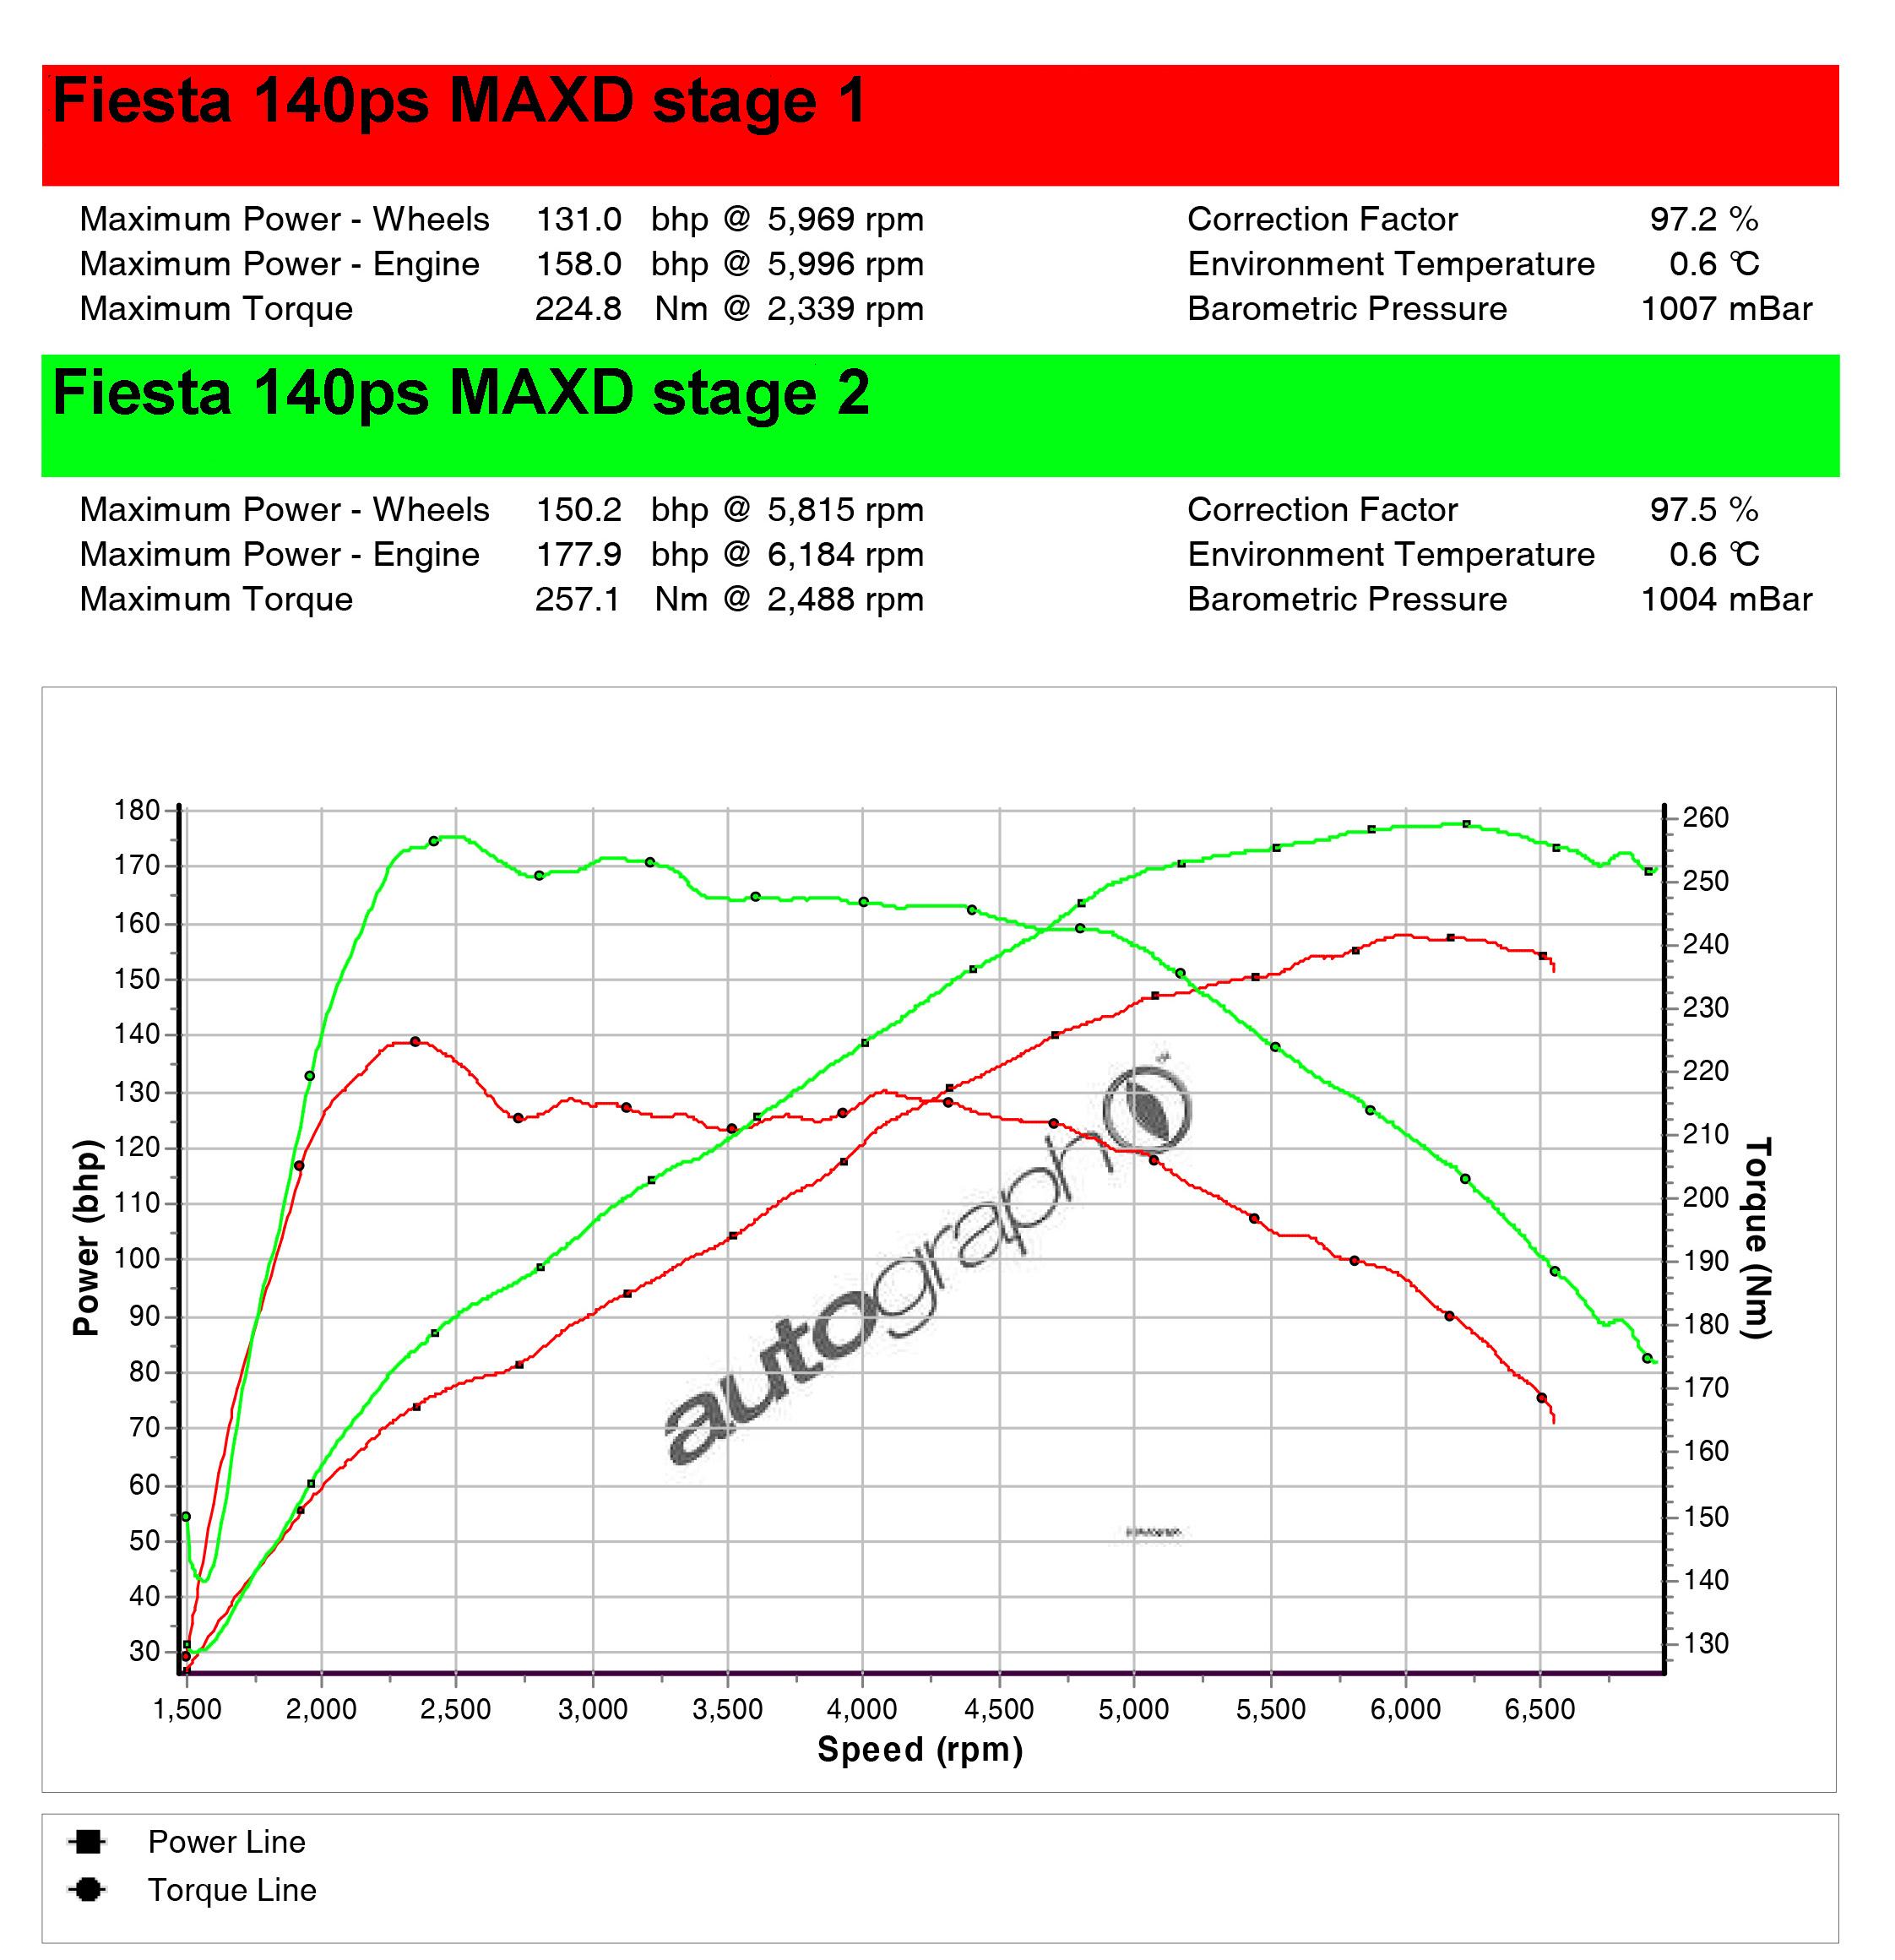 Fiesta 1 0 Ecoboost Remap Stage 1 Or 1r 155 165 Bhp Fiesta Mk7 5 1 0 Workshop Fitted Remaps Pumaspeed Milltek Ford Performance Tuning Milltek Sport Exhaust Ford Fiesta Focus St Rs Parts Specialist